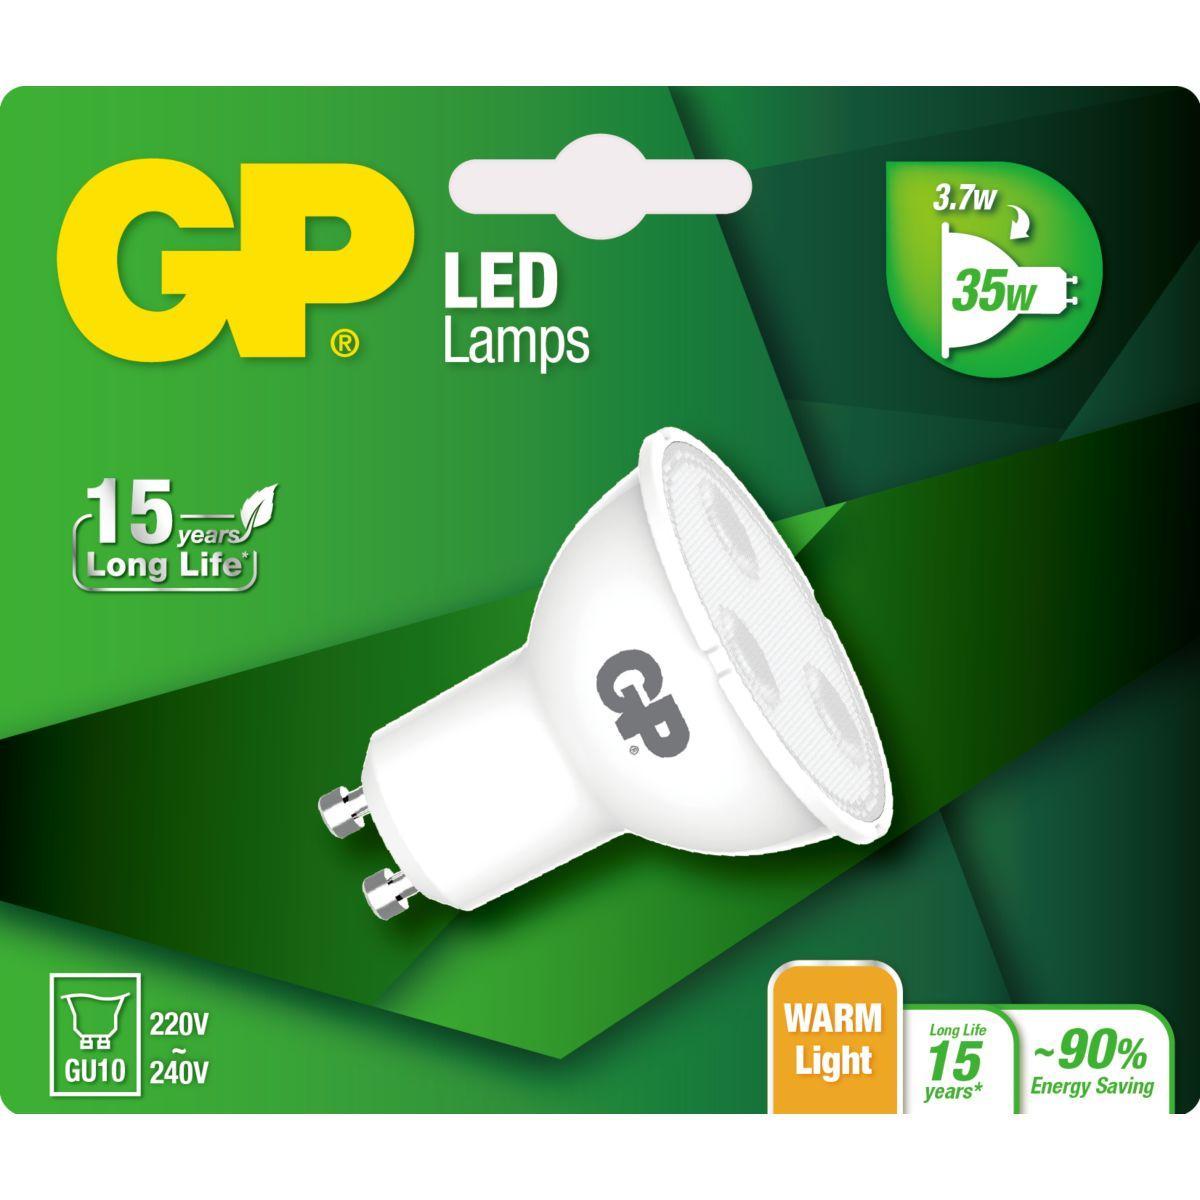 Ampoule gp led twist gu10 3.7-35w - 3% de remise immédiate avec le code : multi3